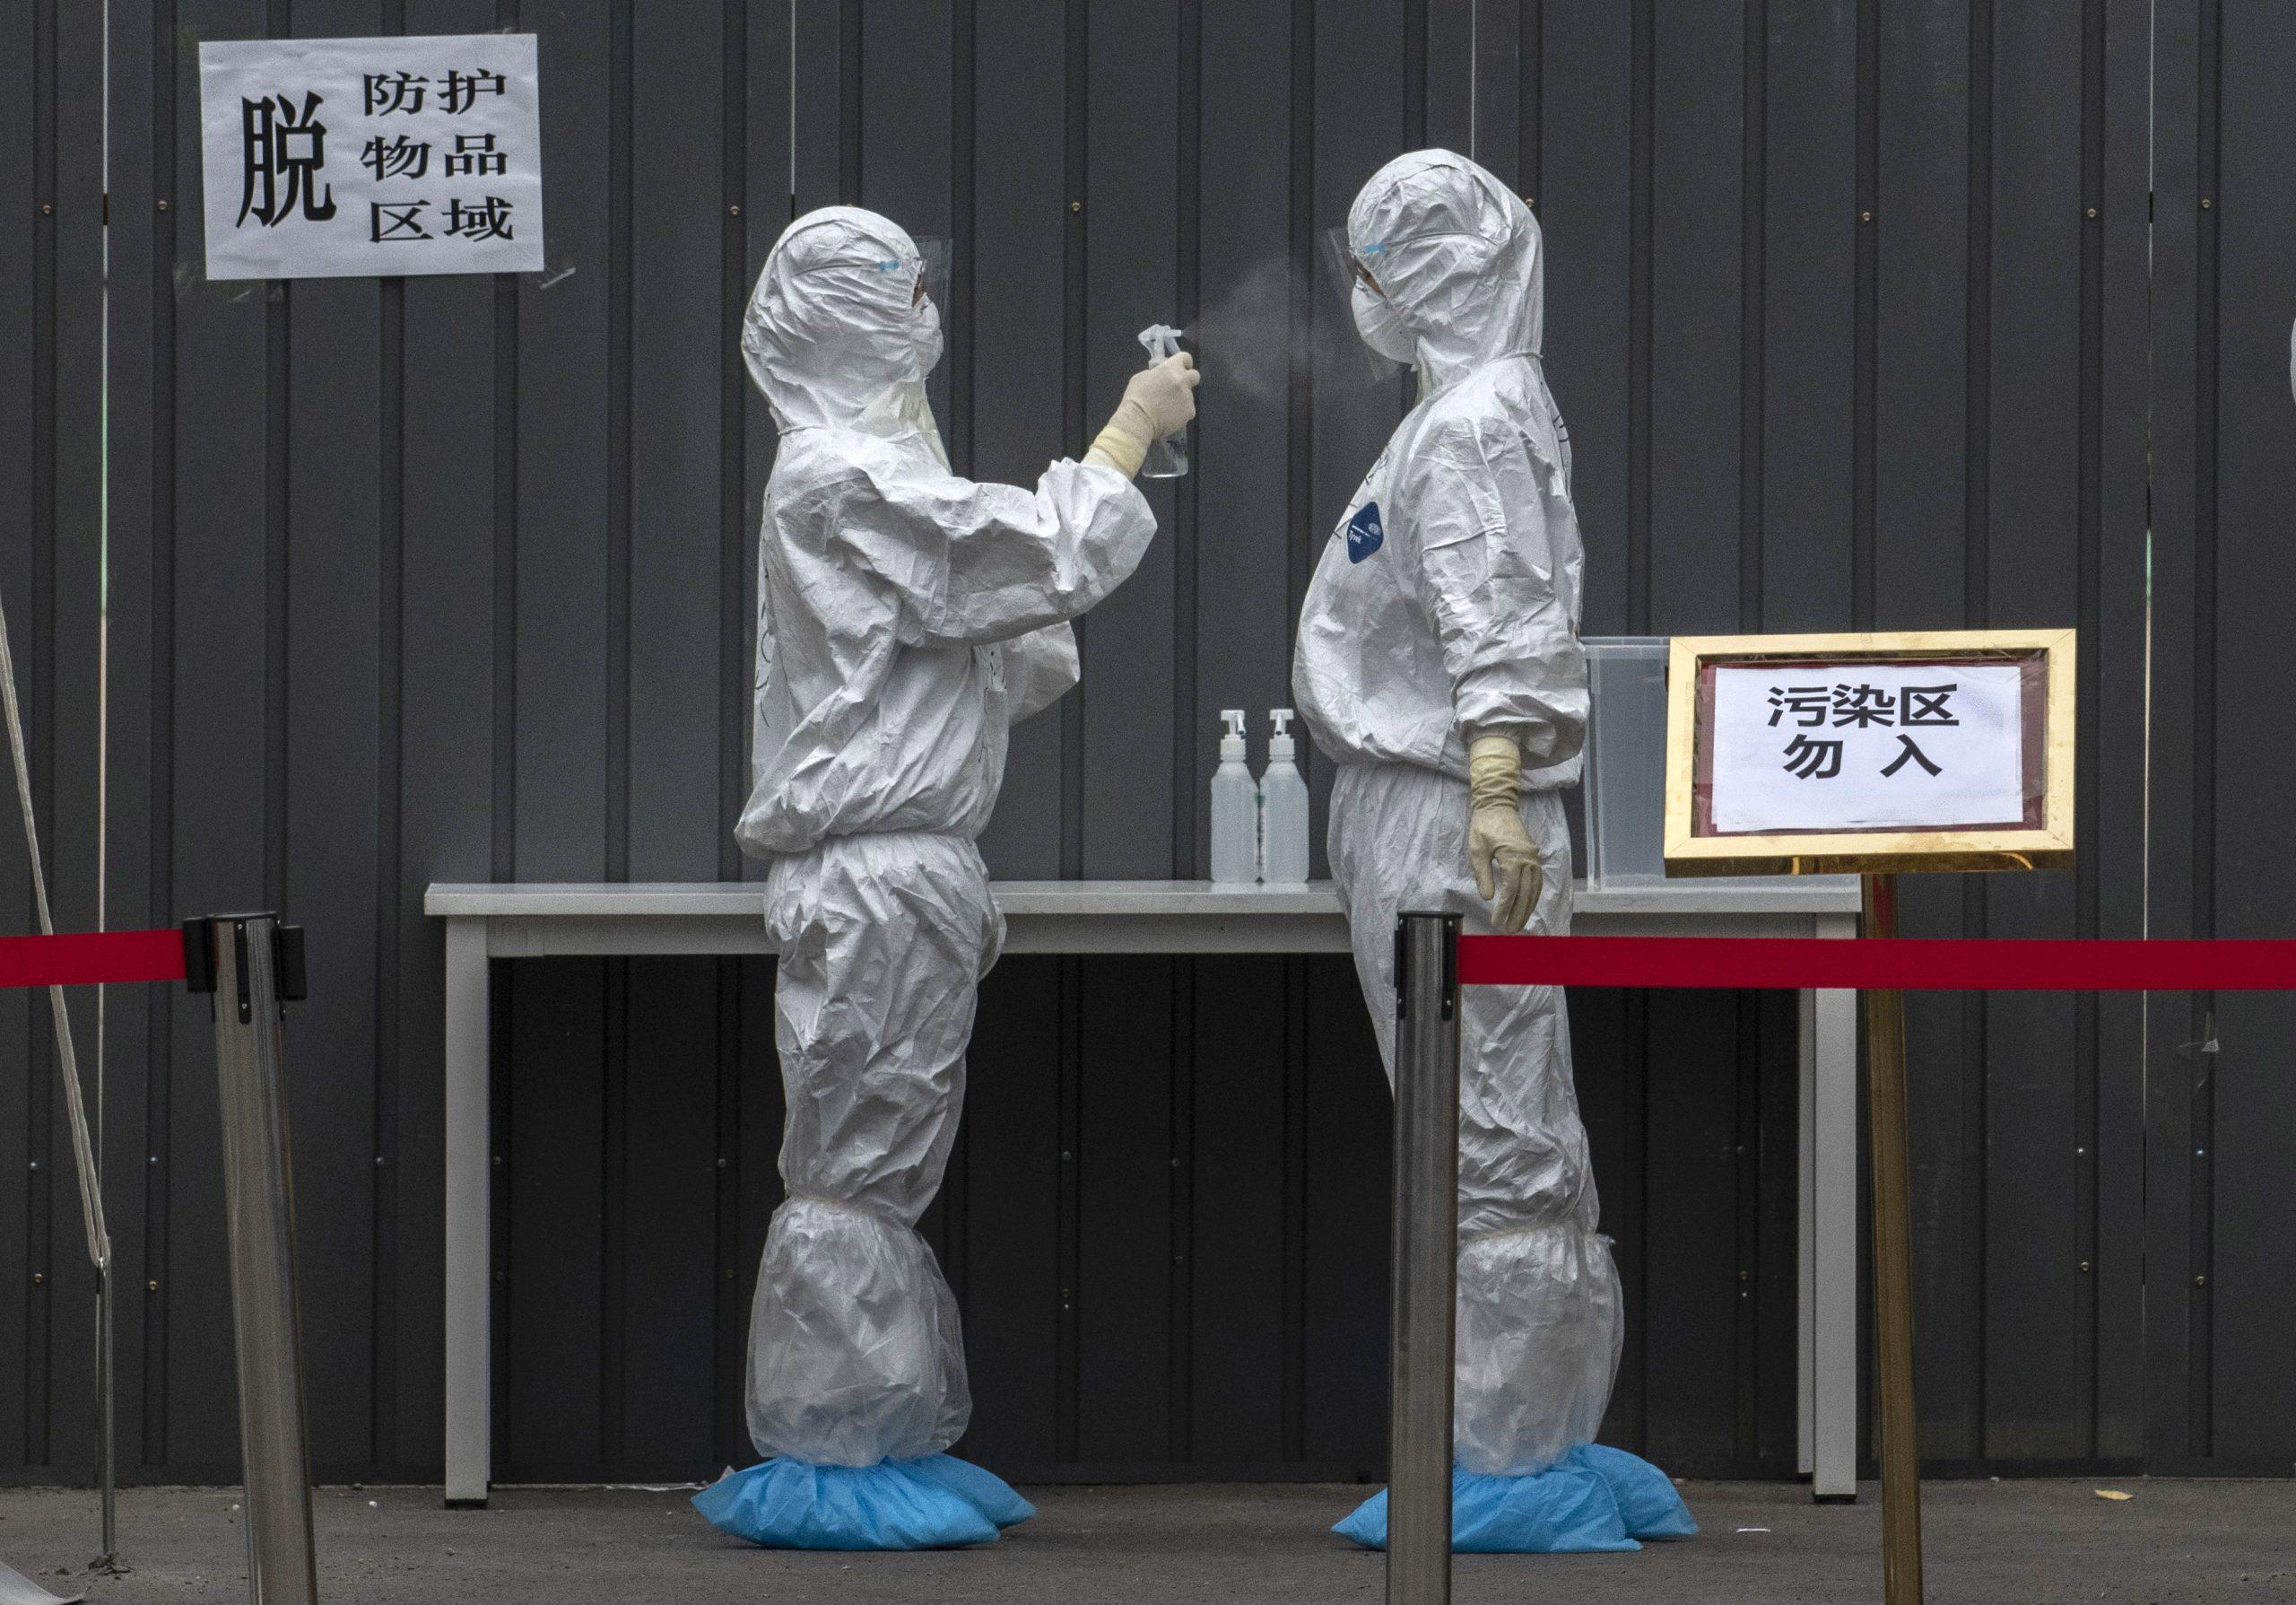 El coronavirus ya superó los 10 millones de casos en el mundo